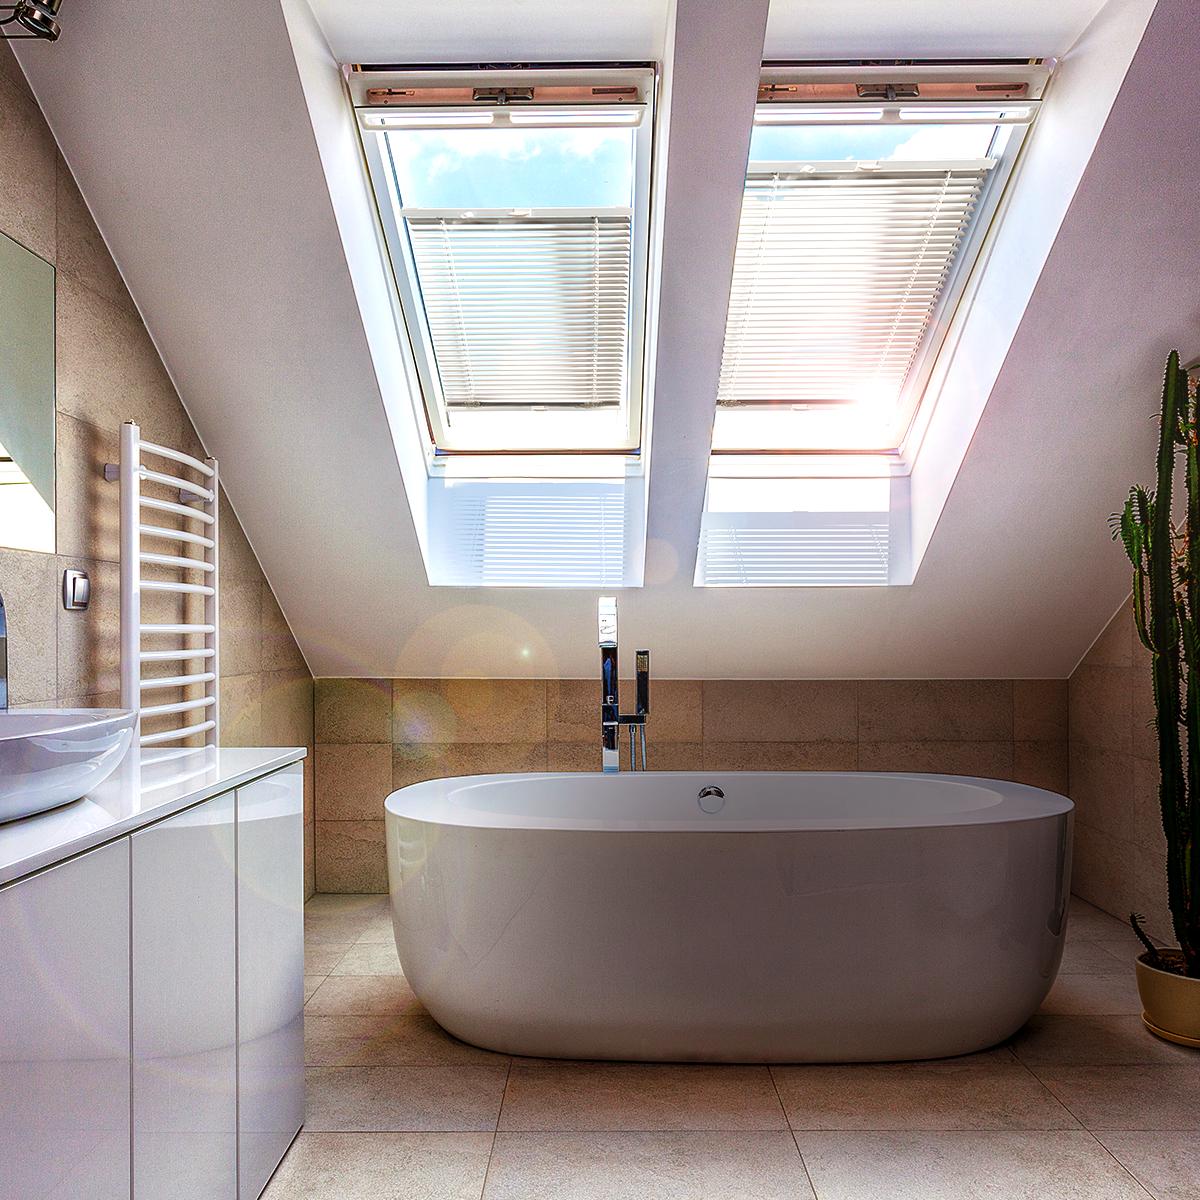 Individuelle Dachfenster Plissees Sorgen Fur Ein Behagliches Wohngefuhl Im Badezimmer Badezimmer Plissee Interior Dachfenster In 2020 Dachfenster Badezimmer Dach